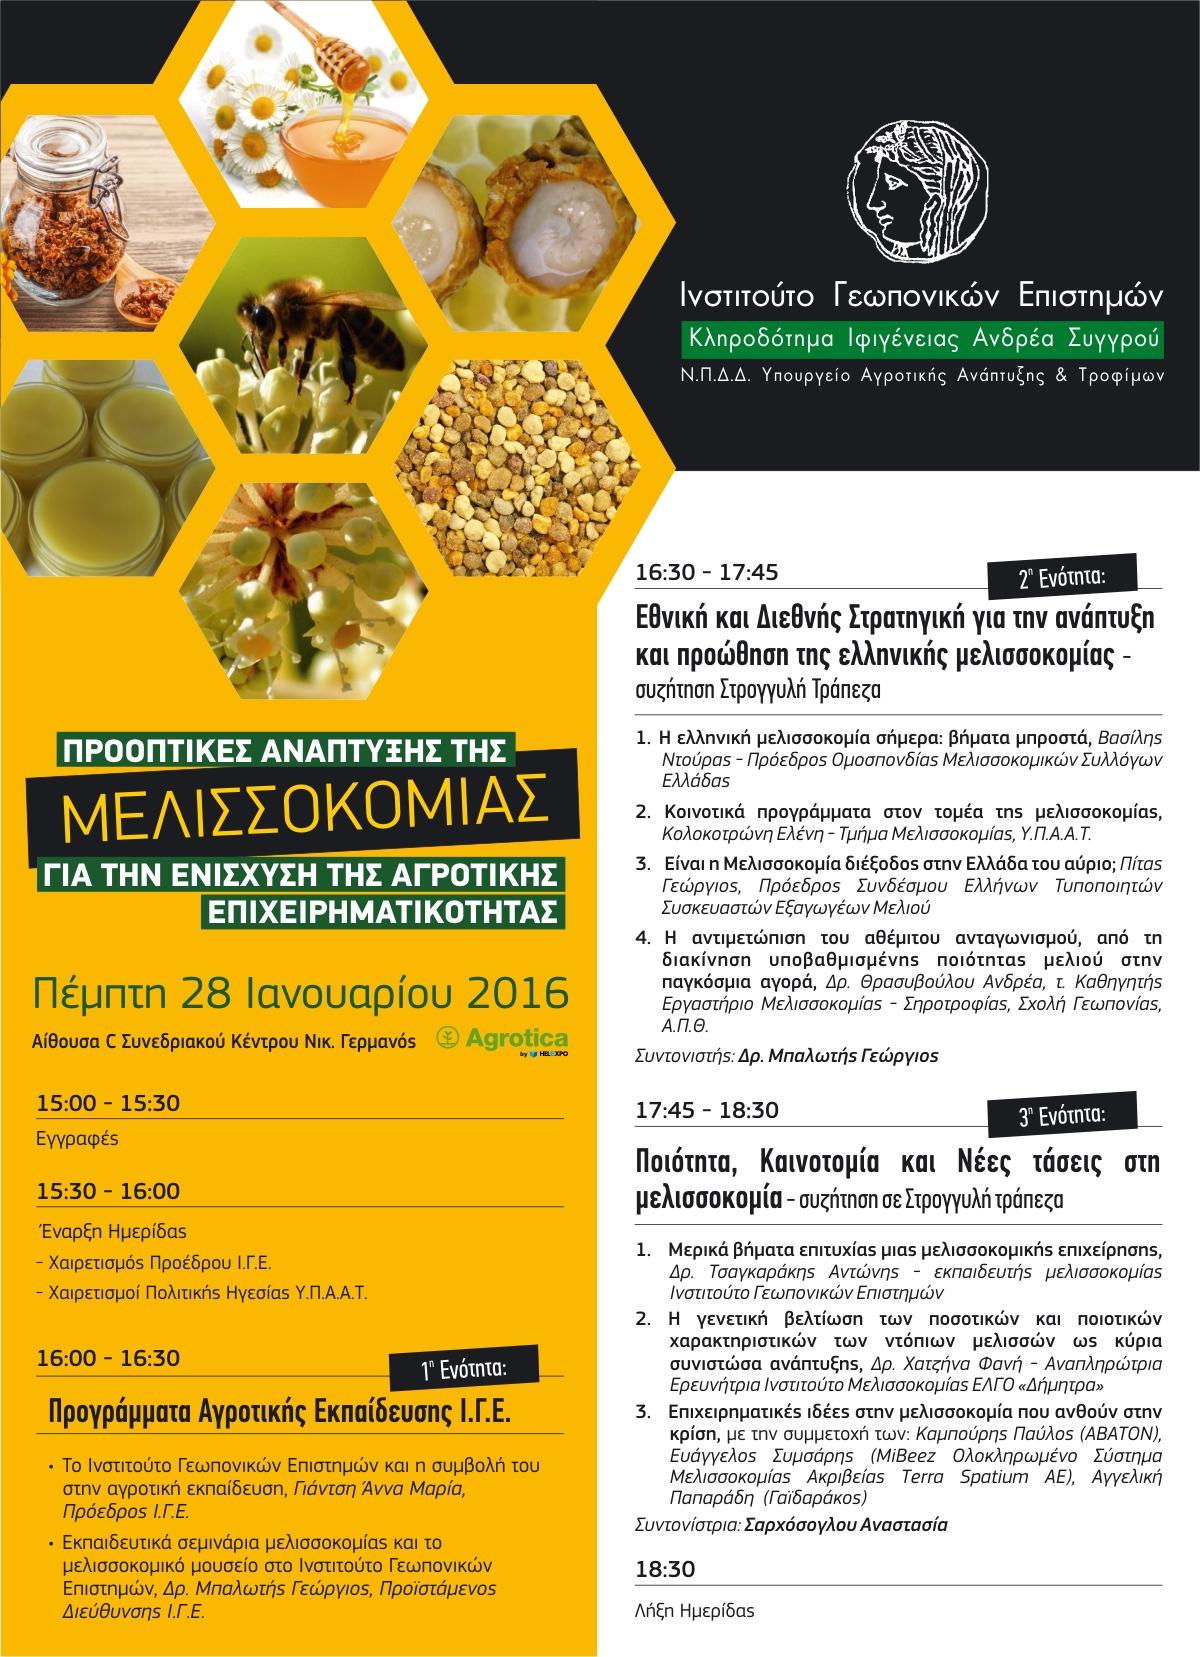 Εκδήλωση με θέμα «Προοπτικές ανάπτυξης της μελισσοκομίας για την ενίσχυση της αγροτικής επιχειρηματικότητας»